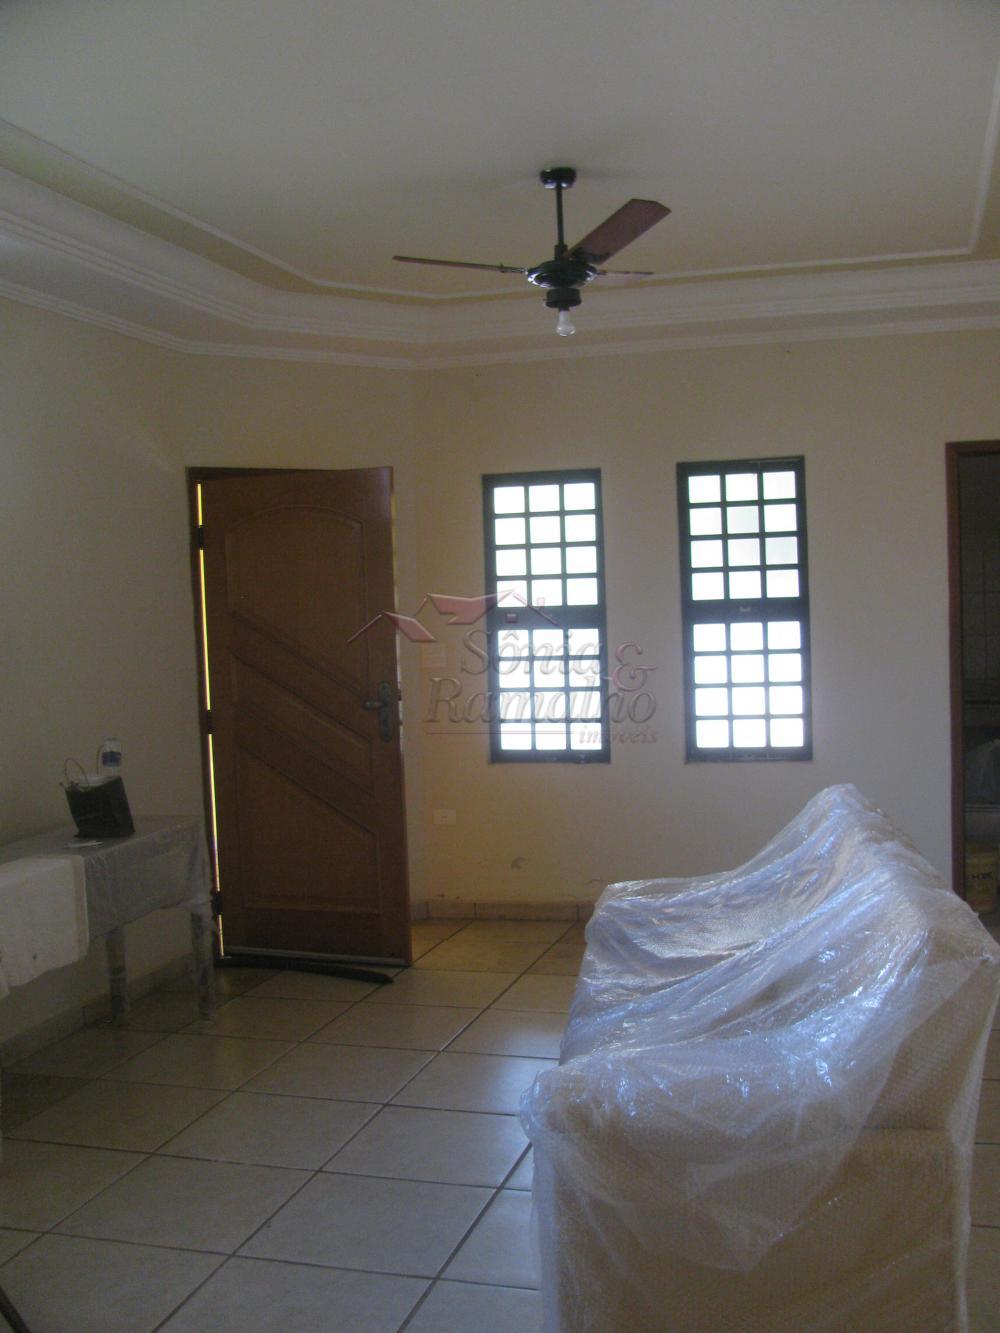 Comprar Casas / Padrão em Ribeirão Preto apenas R$ 400.000,00 - Foto 9